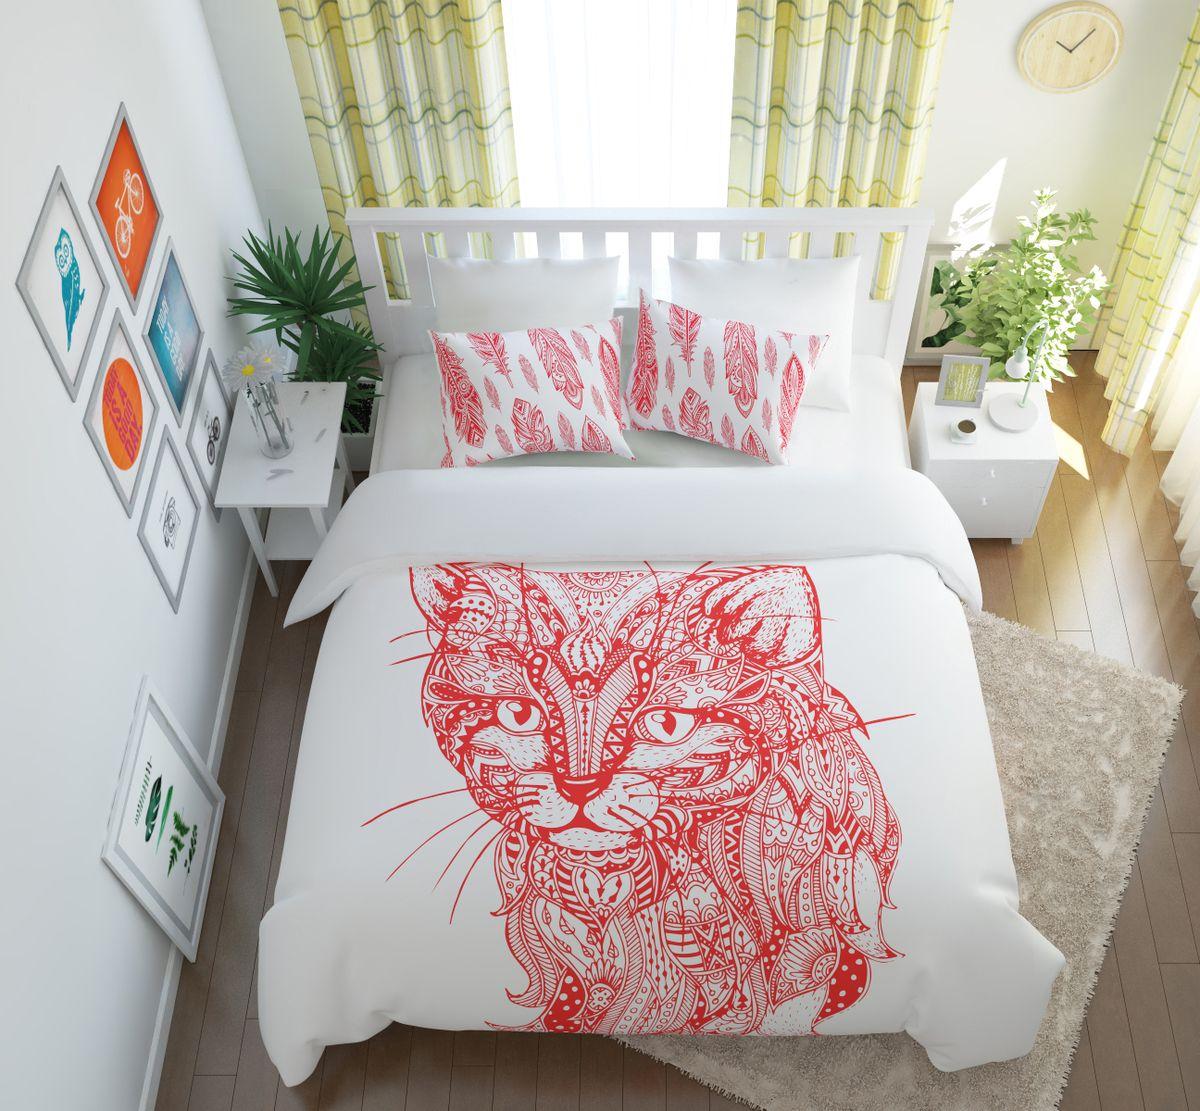 Комплект белья Сирень Волшебный кот, 1,5-спальный, наволочки 50x7092087Комплект постельного белья Сирень состоит из простыни, пододеяльника и 2 наволочек. Комплект выполнен из современных гипоаллергенных материалов. Приятный при прикосновении сатин - гарантия здорового, спокойного сна. Ткань хорошо впитывает влагу, надолго сохраняет яркость красок. Четкий, изящный рисунок в сочетании с насыщенными красками делает комплект постельного белья неповторимой изюминкой любого интерьера. Постельное белье идеально подойдет для подарка.